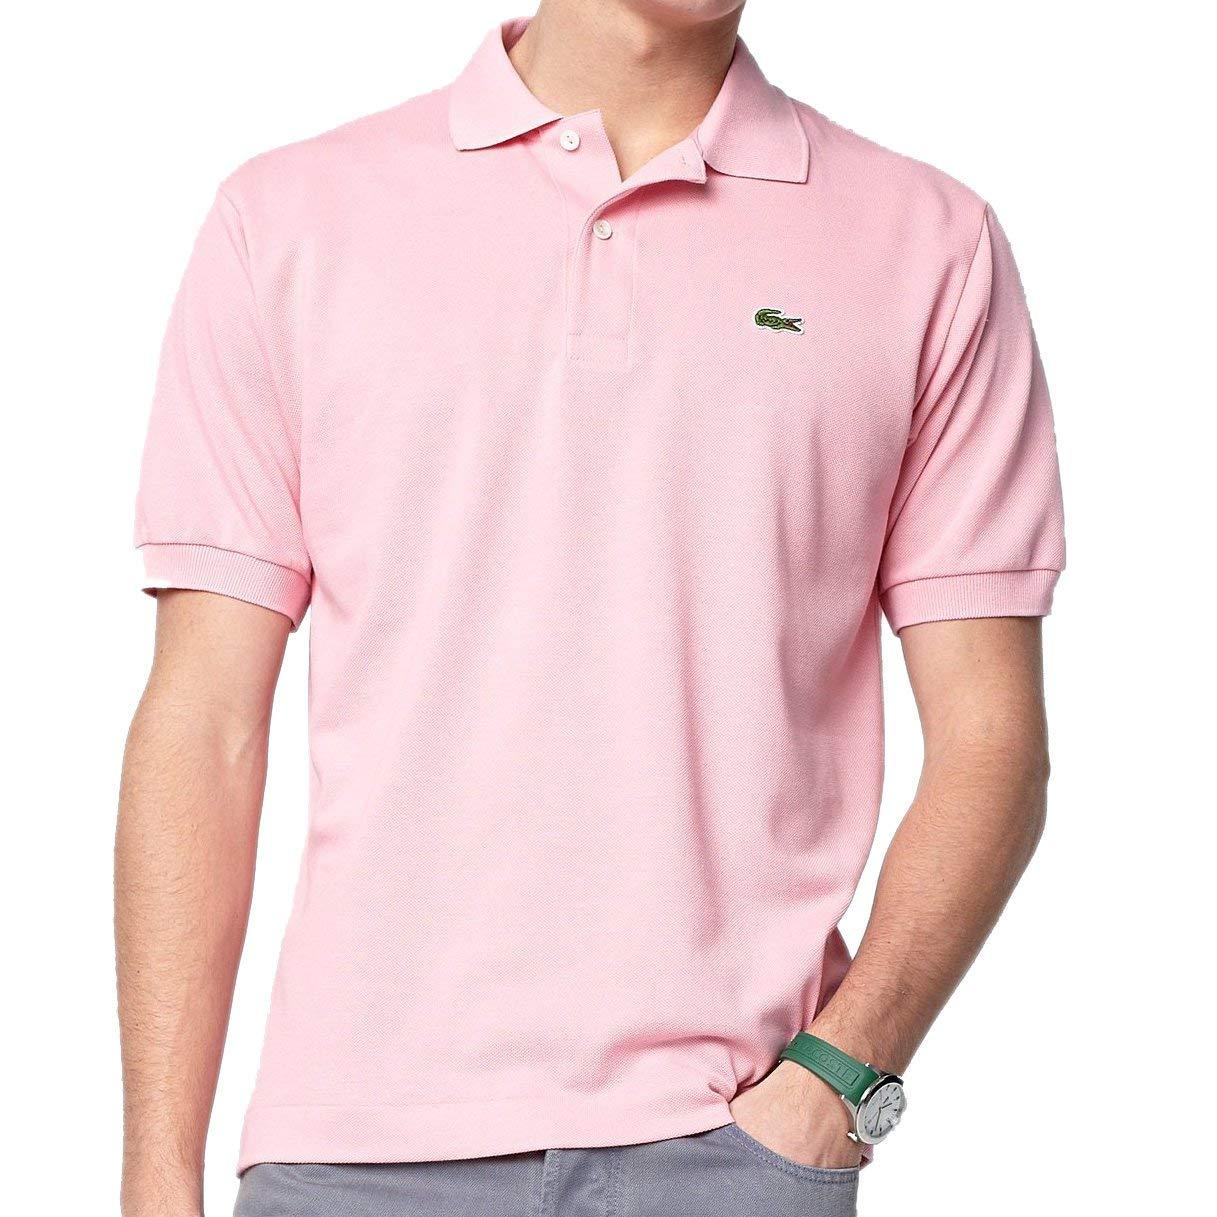 74231546 Lacoste Men's Classic Short Sleeve L.12.12 Pique Polo Shirt,Flamingo  Pink,XX-Large